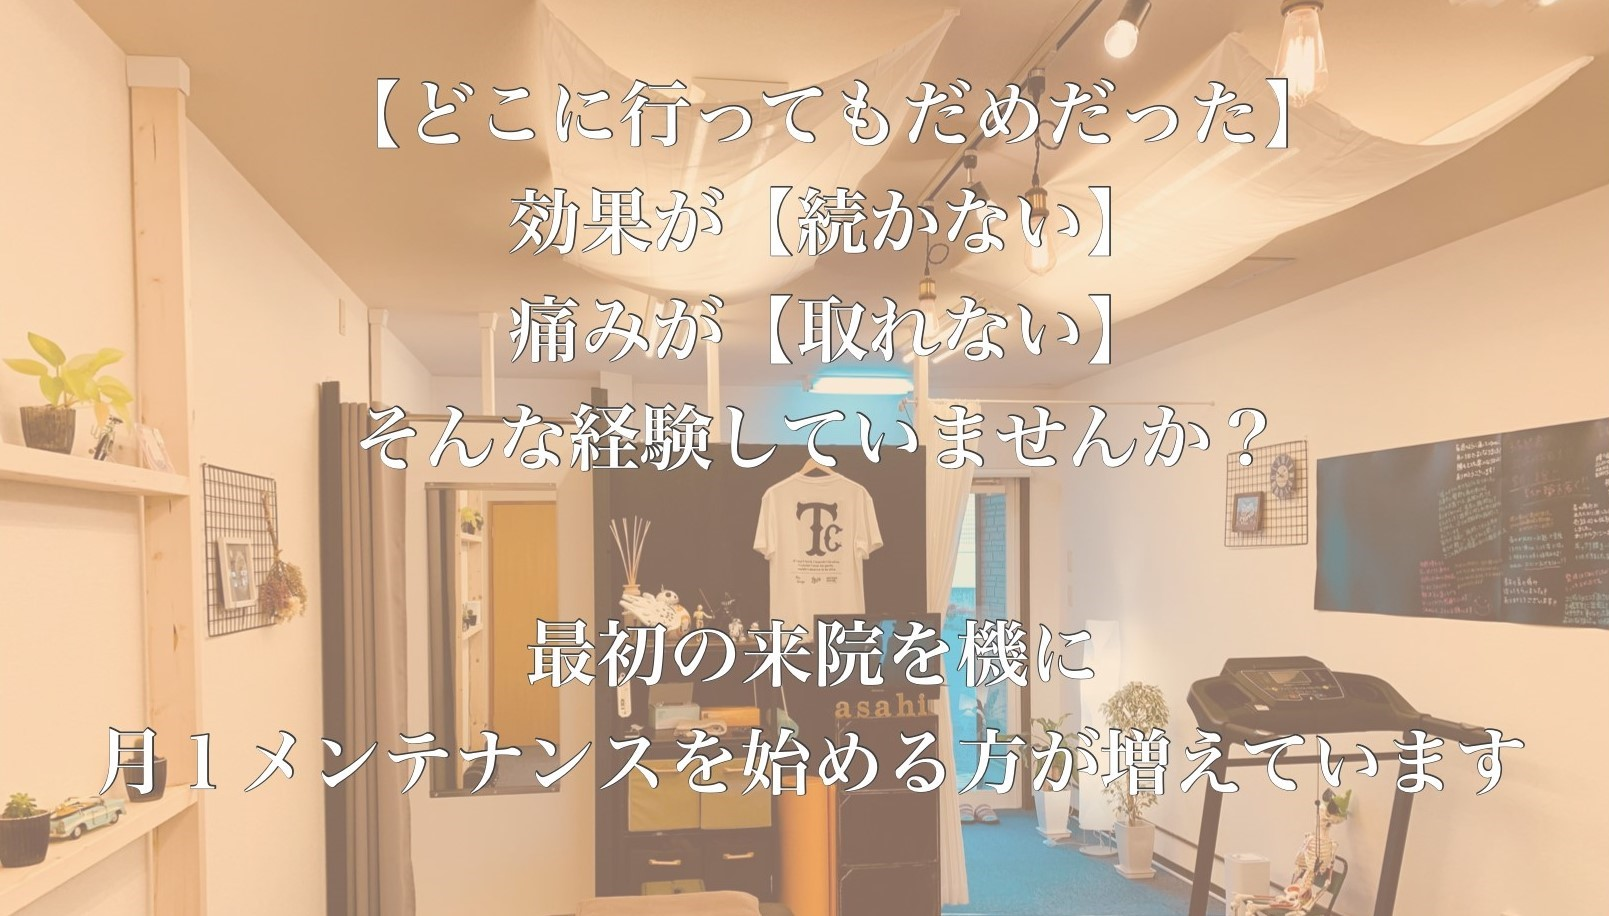 コンディショニング整体院あさひ熊本玉名